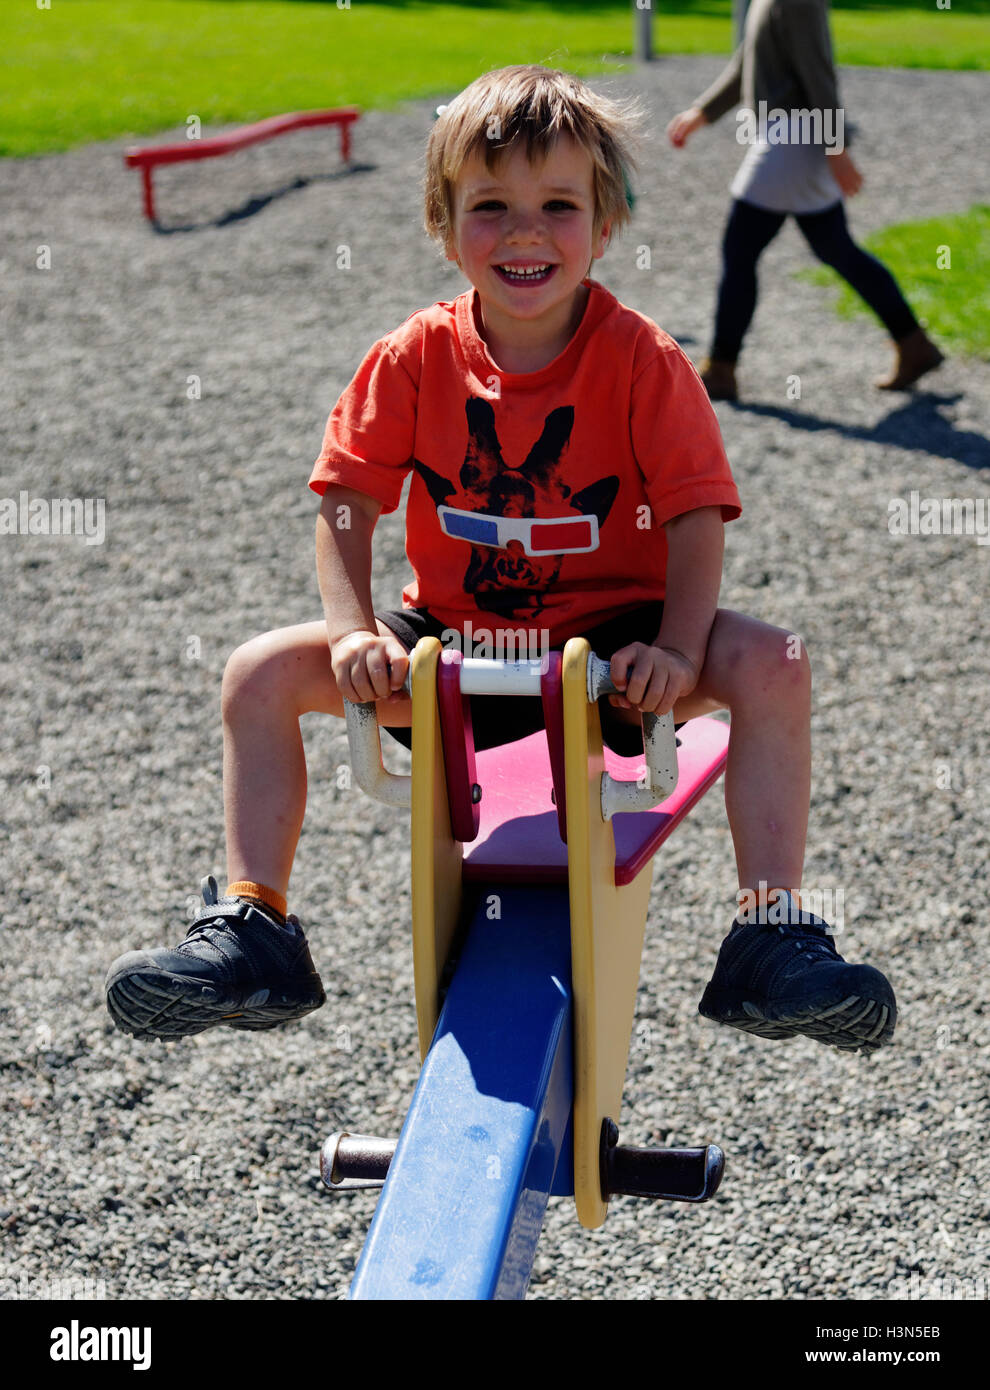 Ein lachendes Kind (4 Jahre alt) Prellen auf einer Wippe Stockbild